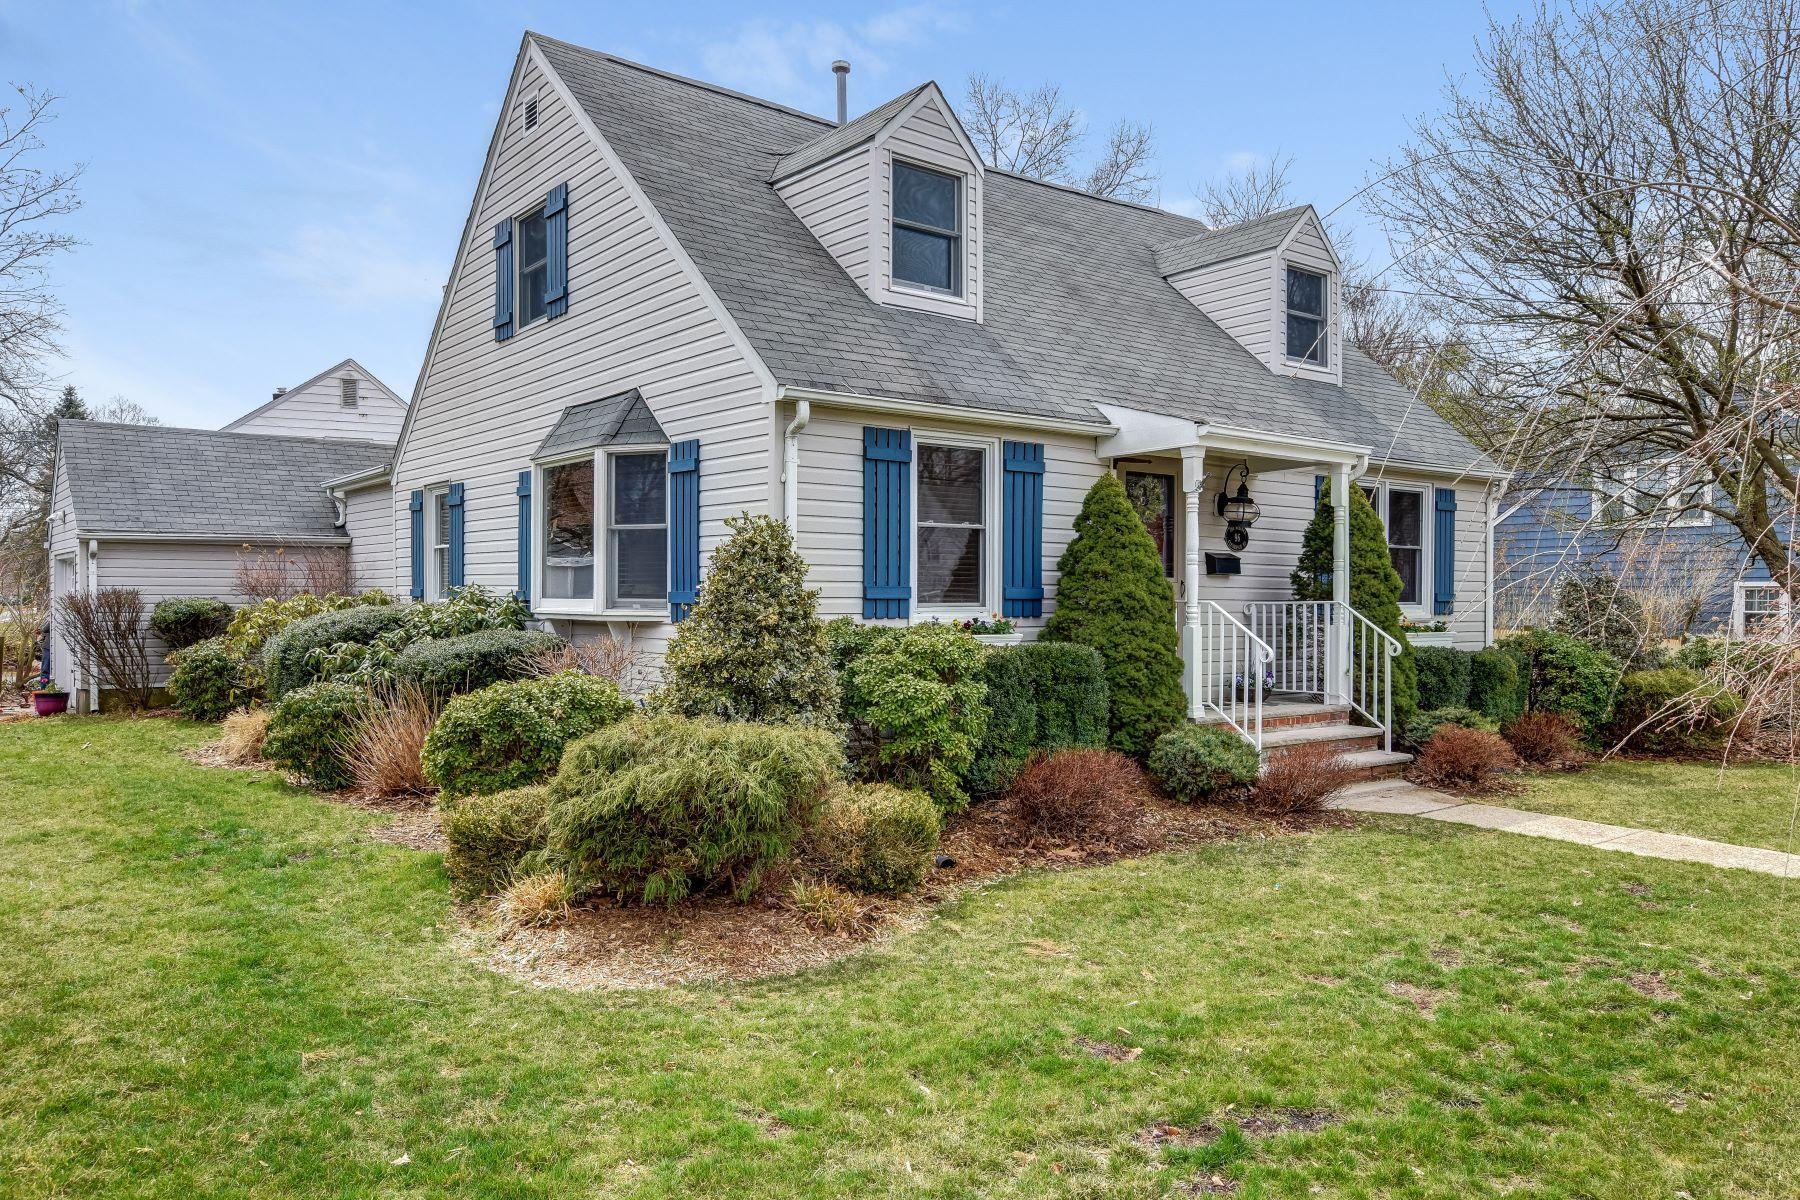 Частный односемейный дом для того Продажа на Wonderful Cape 96 Glenbrook Road, Morris Plains, Нью-Джерси 07950 Соединенные Штаты